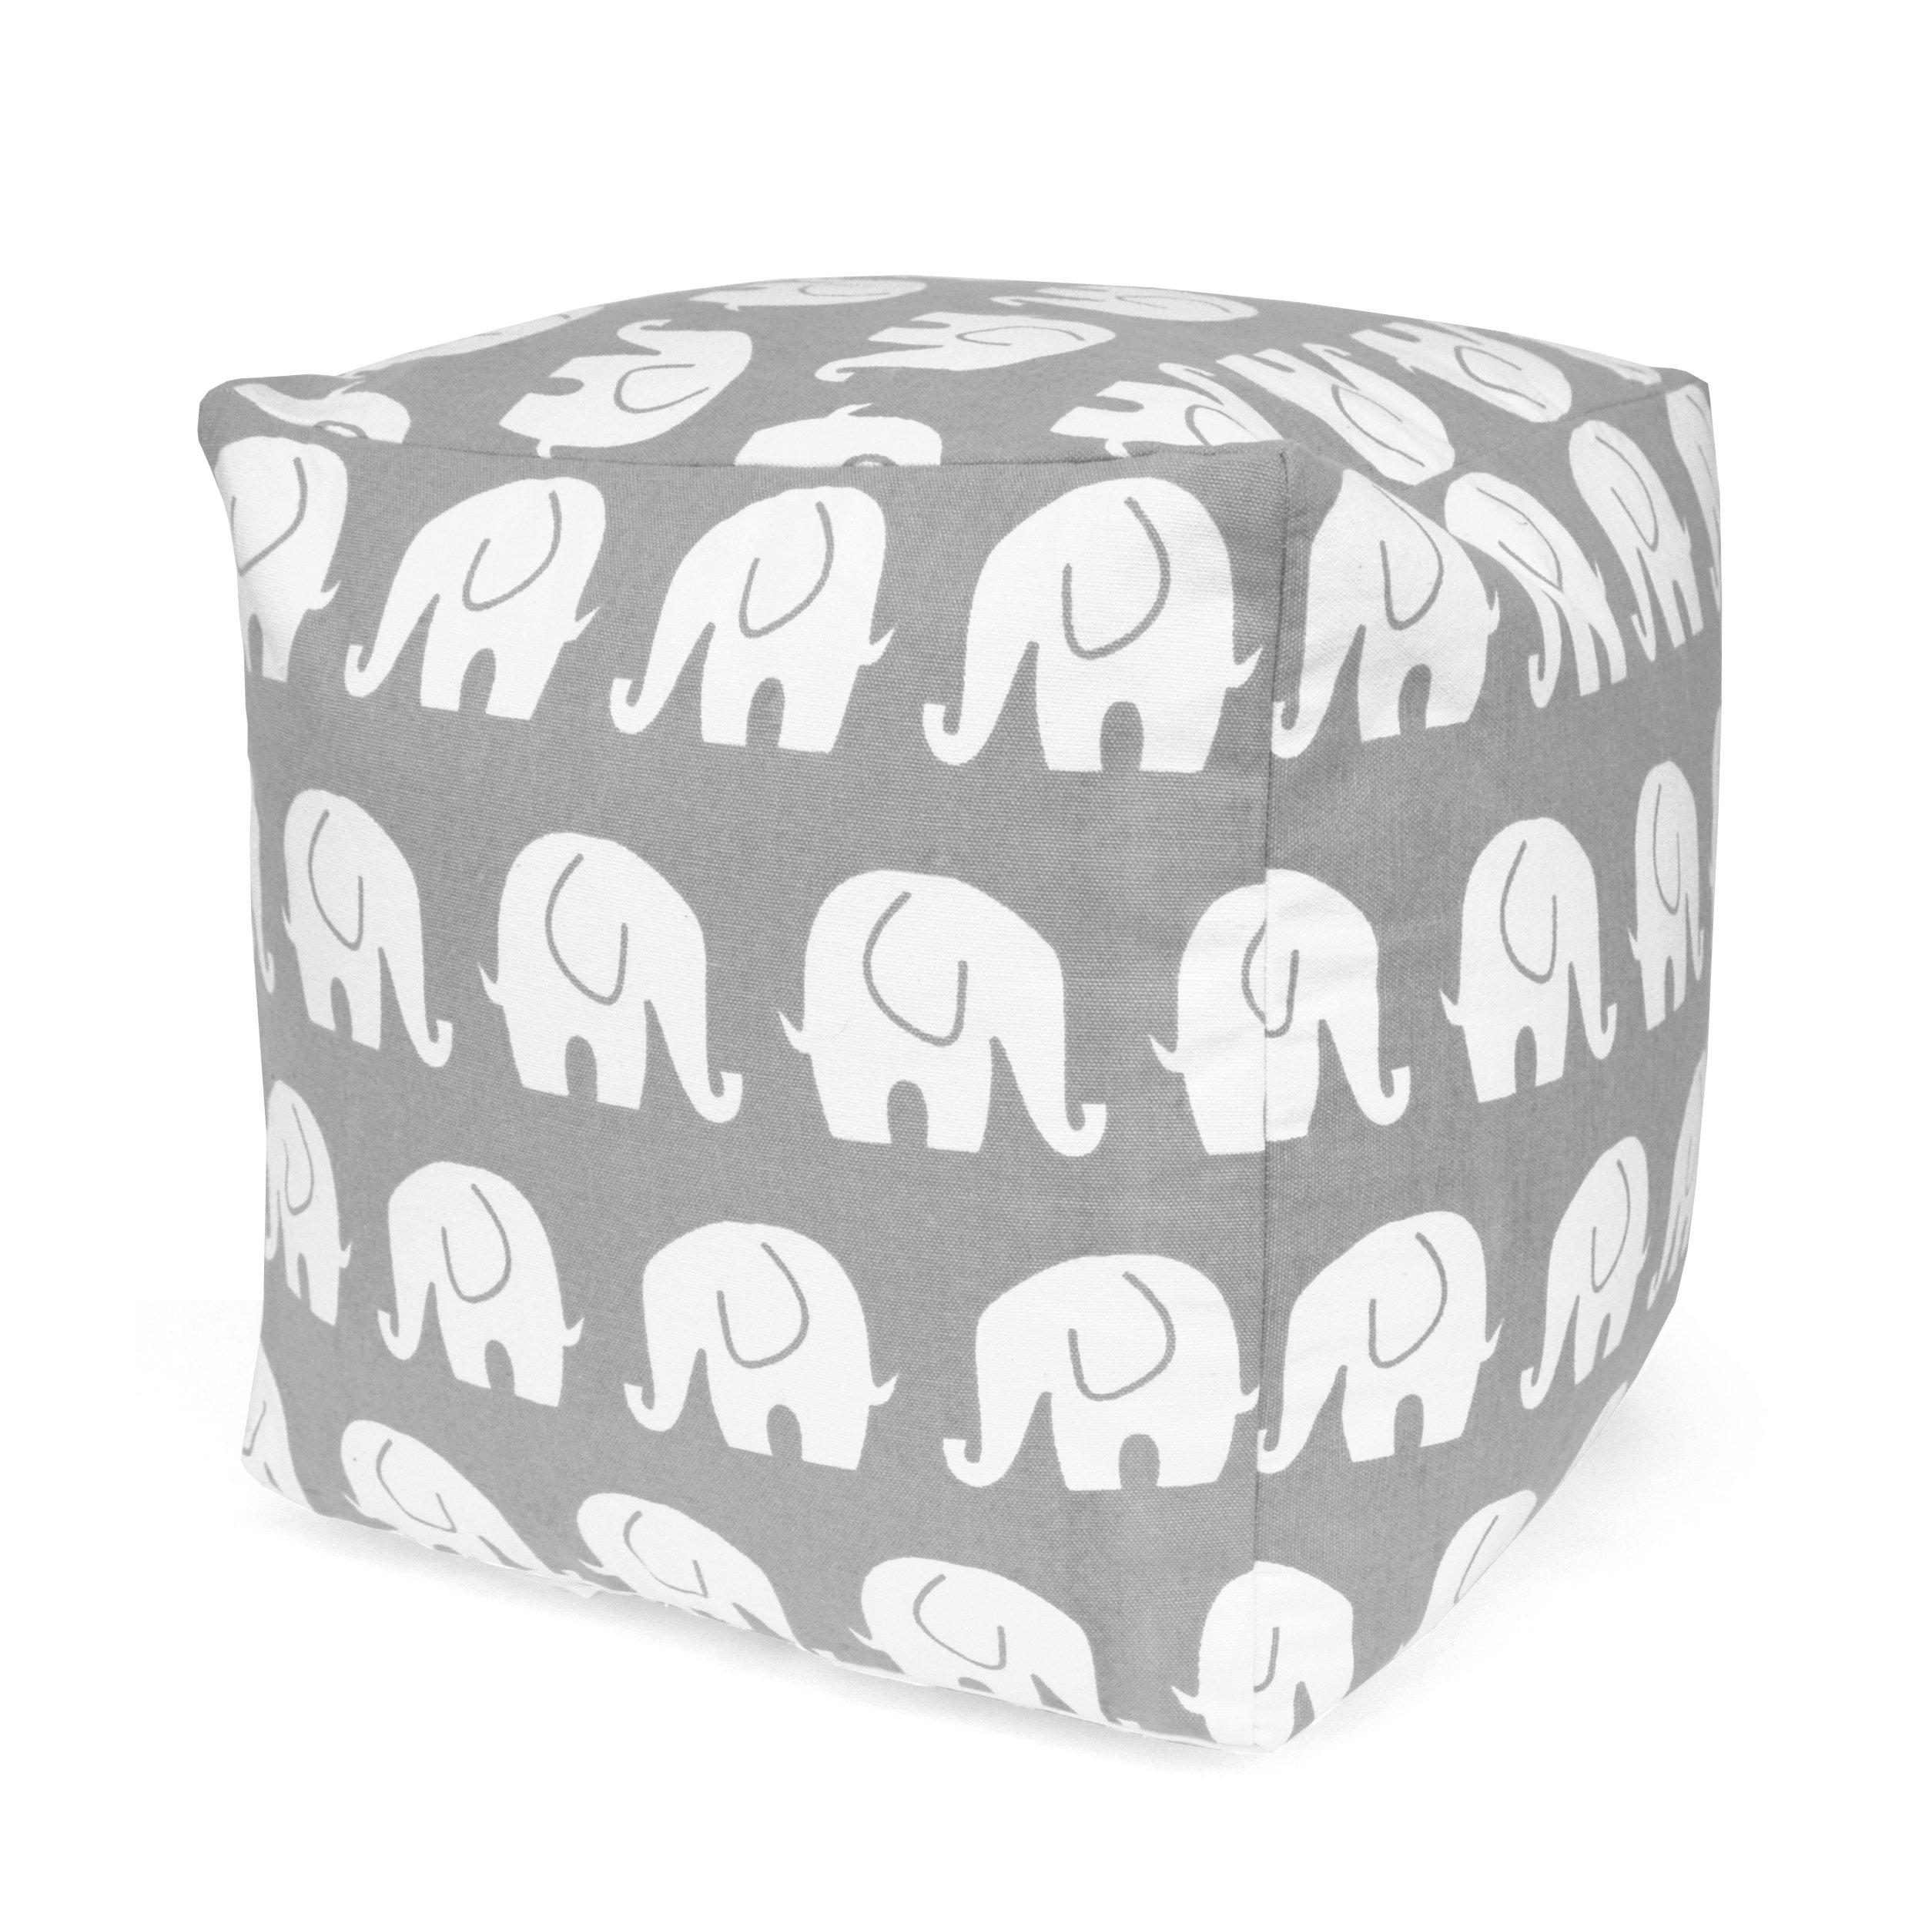 Urban Shop Elephant Printed Pouf, Gray by Urban Shop